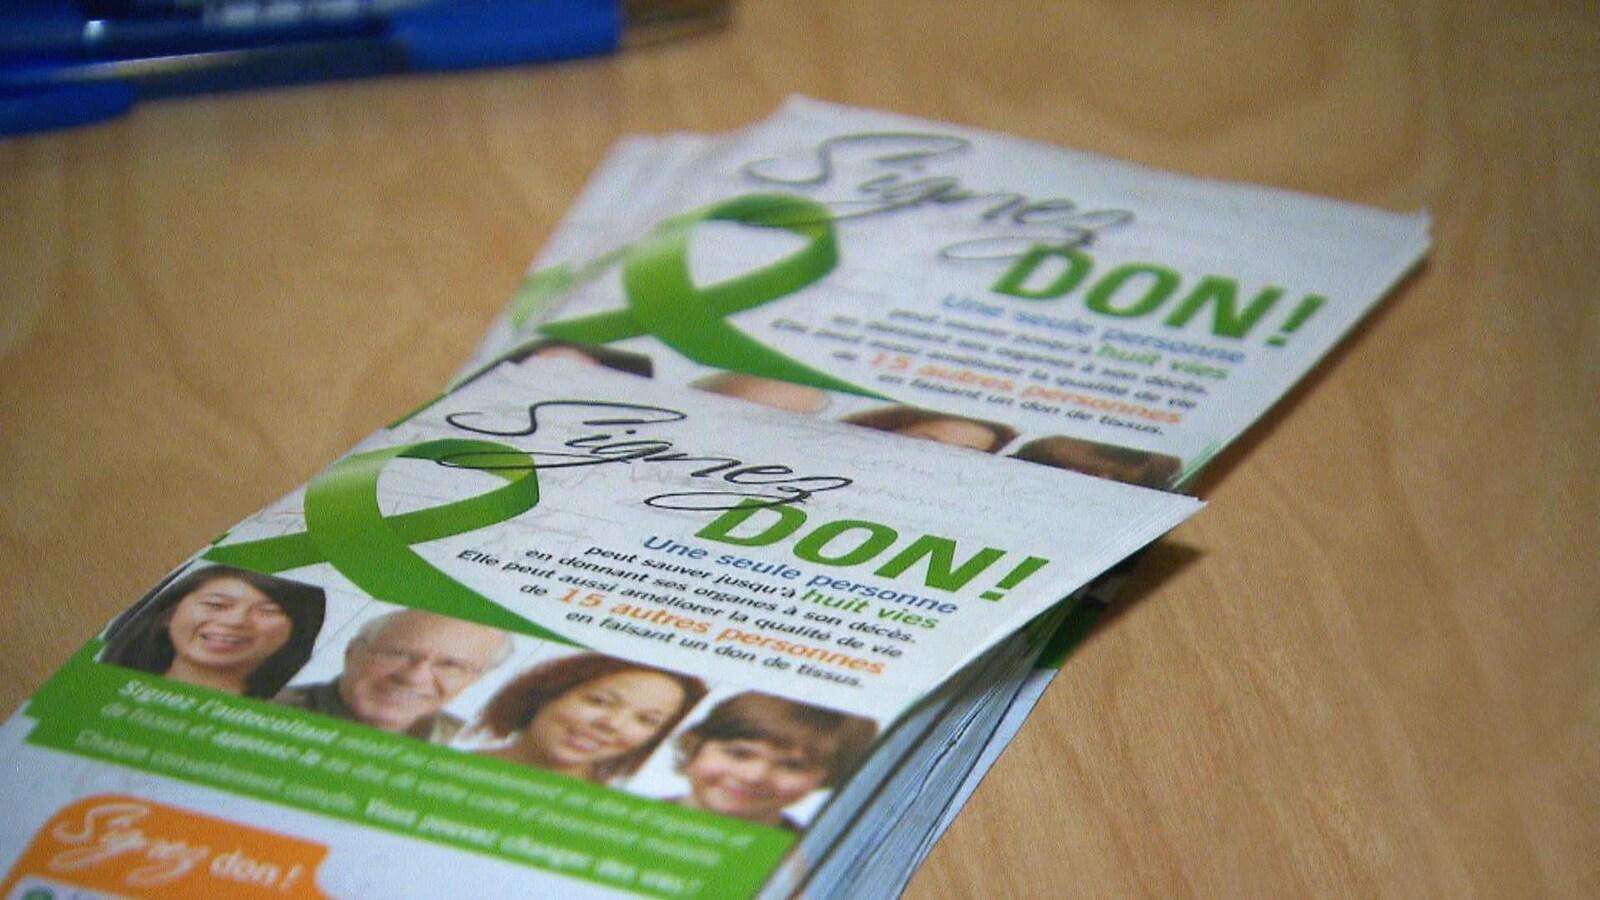 Des pamphlets sur le don d'organes